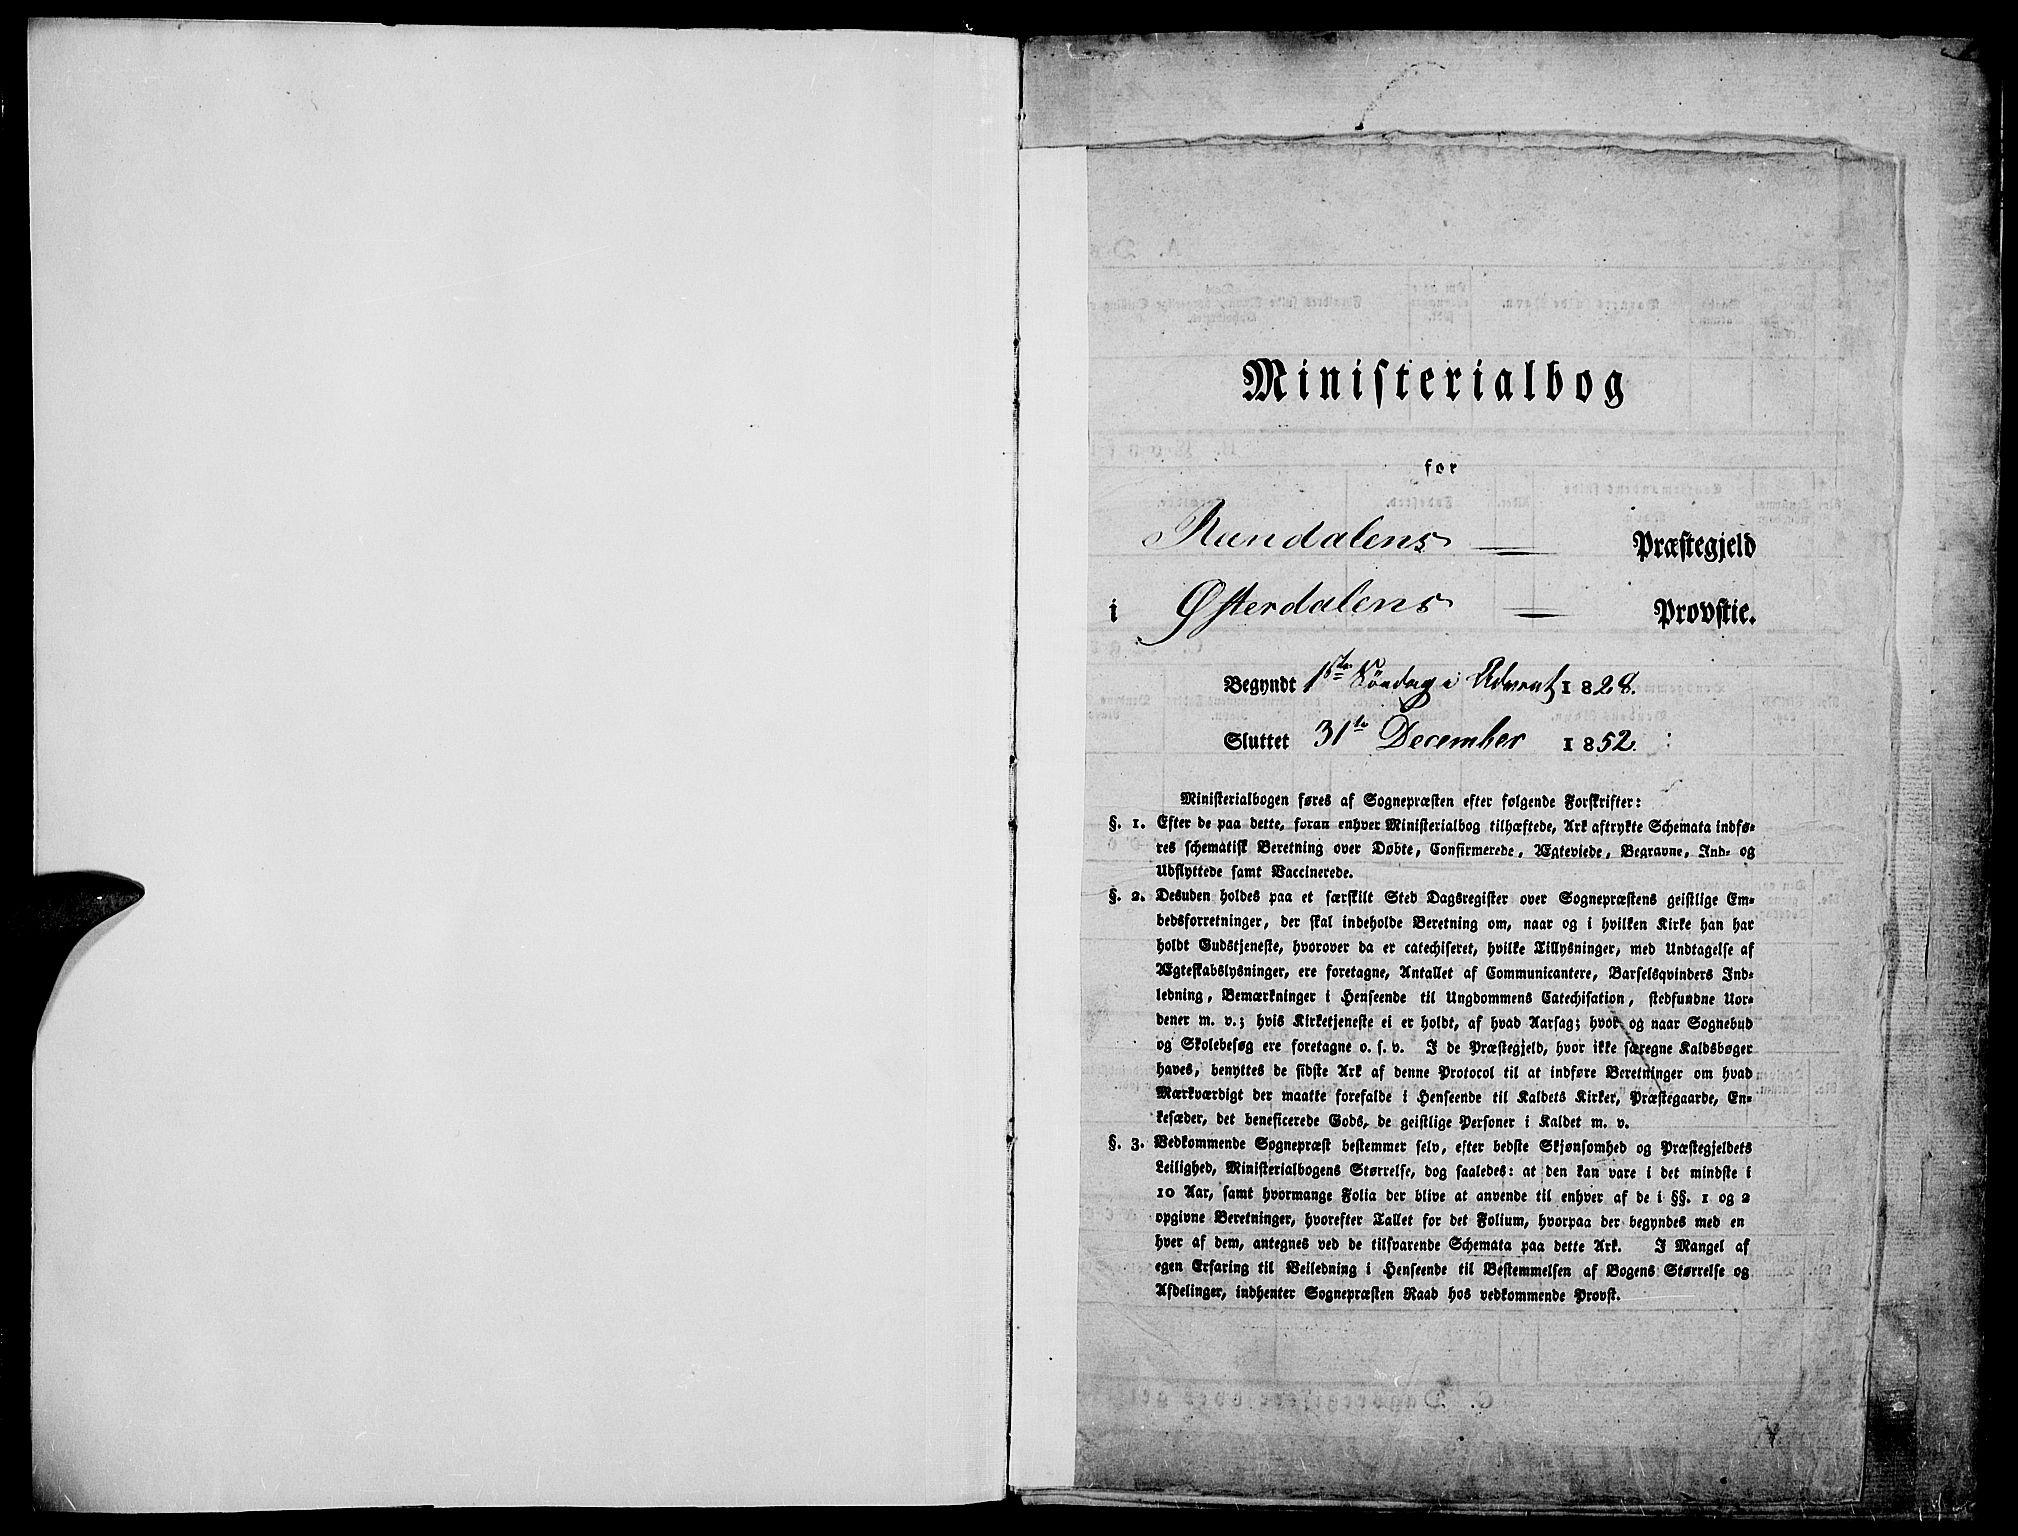 SAH, Rendalen prestekontor, H/Ha/Haa/L0004: Ministerialbok nr. 4, 1829-1852